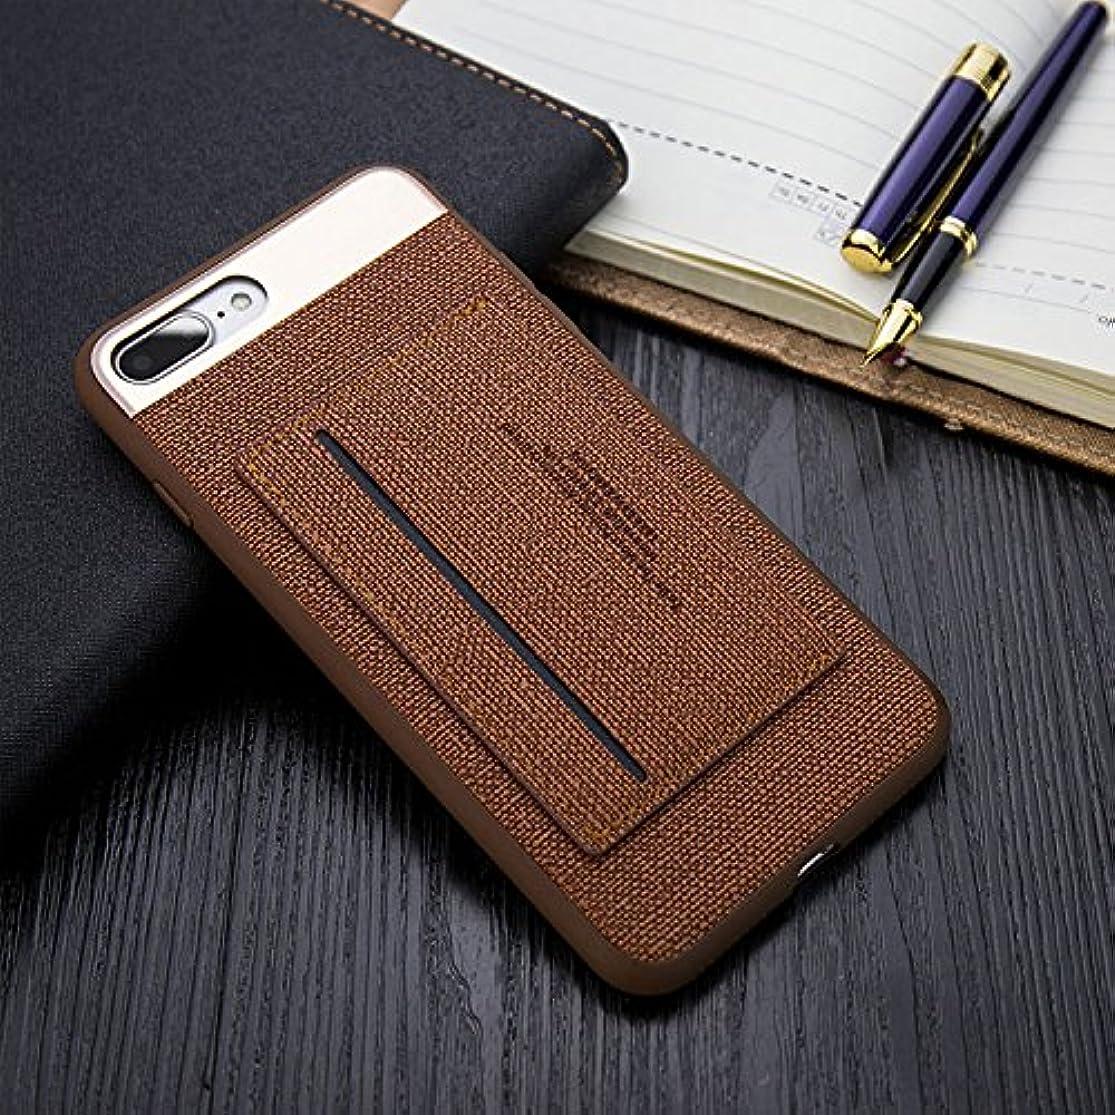 柔和気を散らす毎週apple iphone8 Plus ケース レザー カード収納 上質で高級PUレザー アイフォン8プラス カバー おしゃれ おすすめ スマホケース 良品IT (ブラウン)